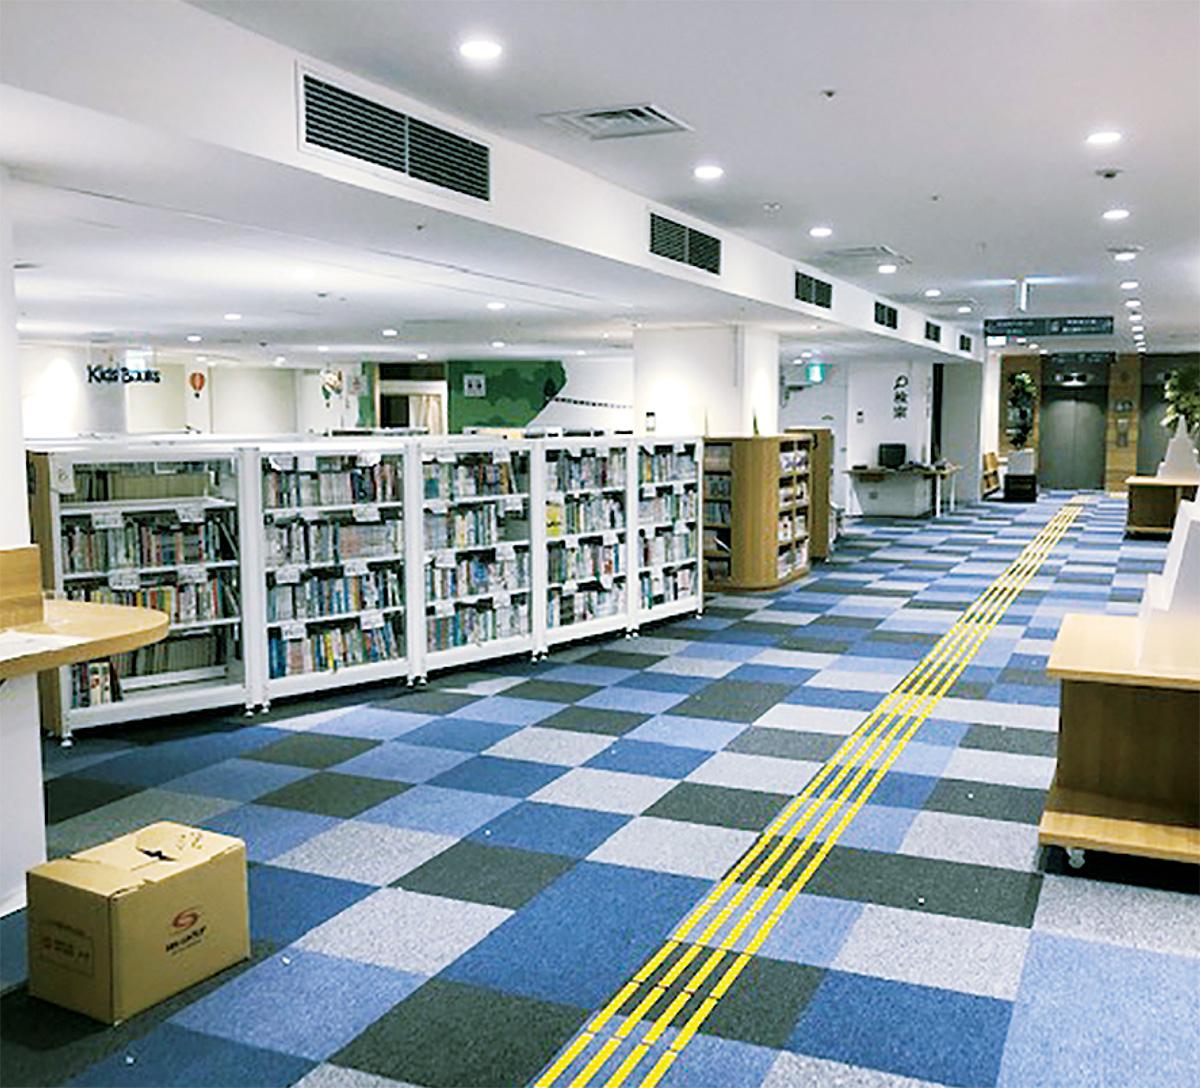 図書館 藤沢 市